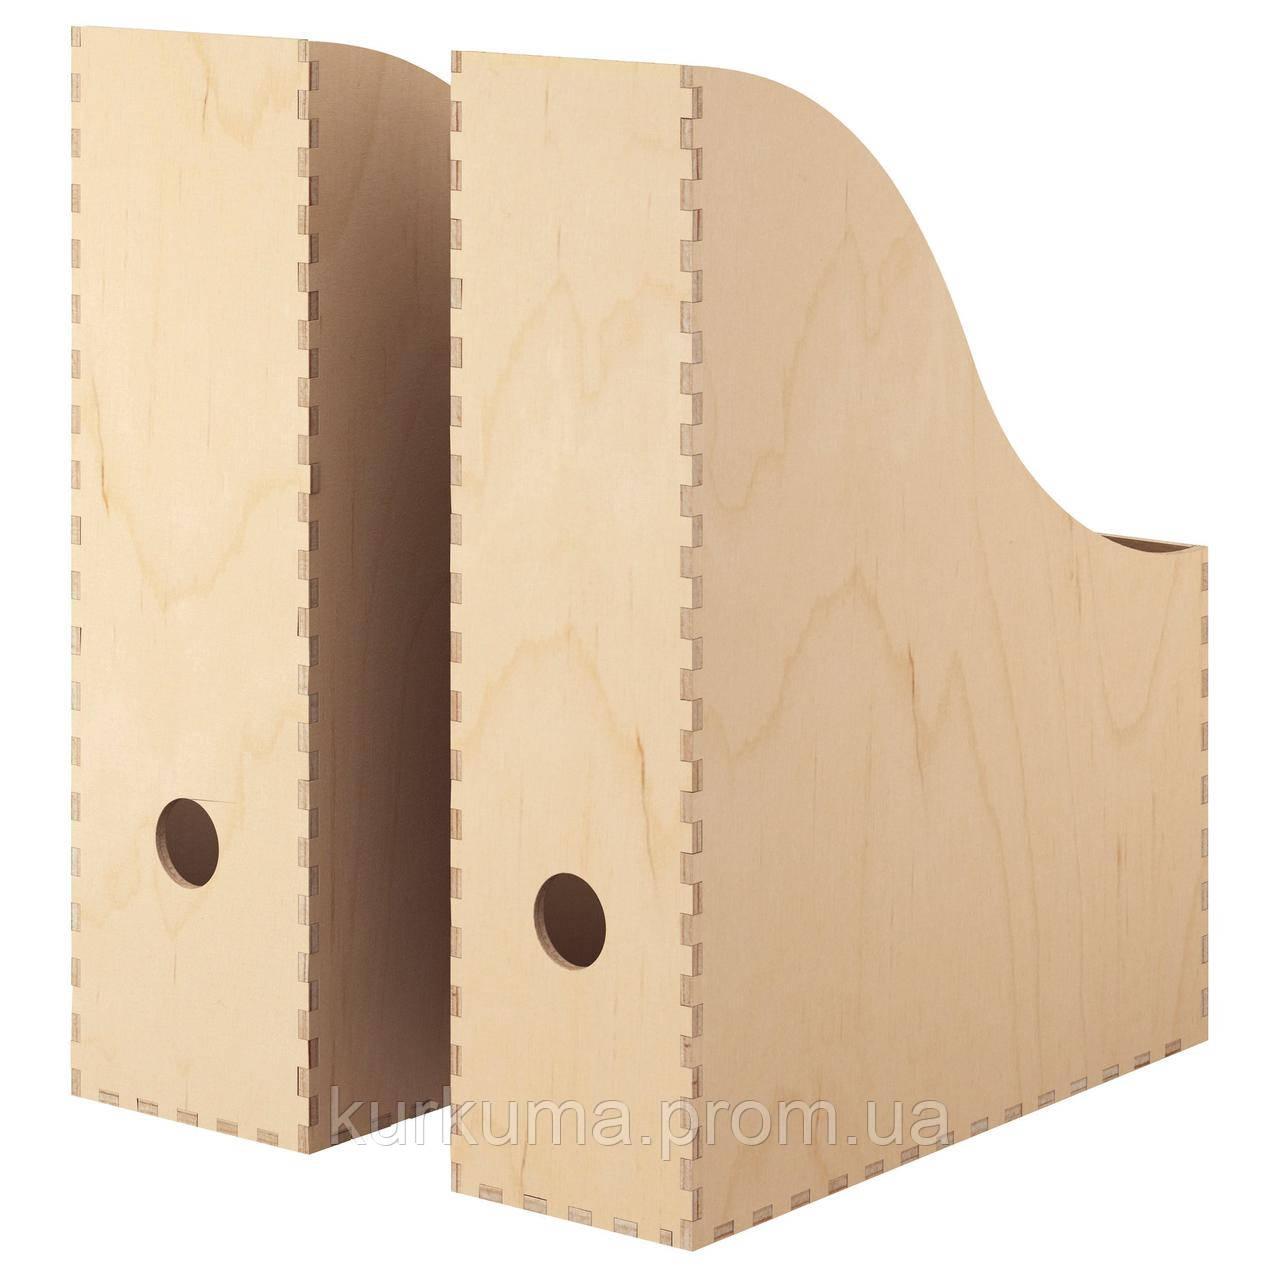 IKEA KNUFF Подставка для журналов, фанера  (501.873.40)